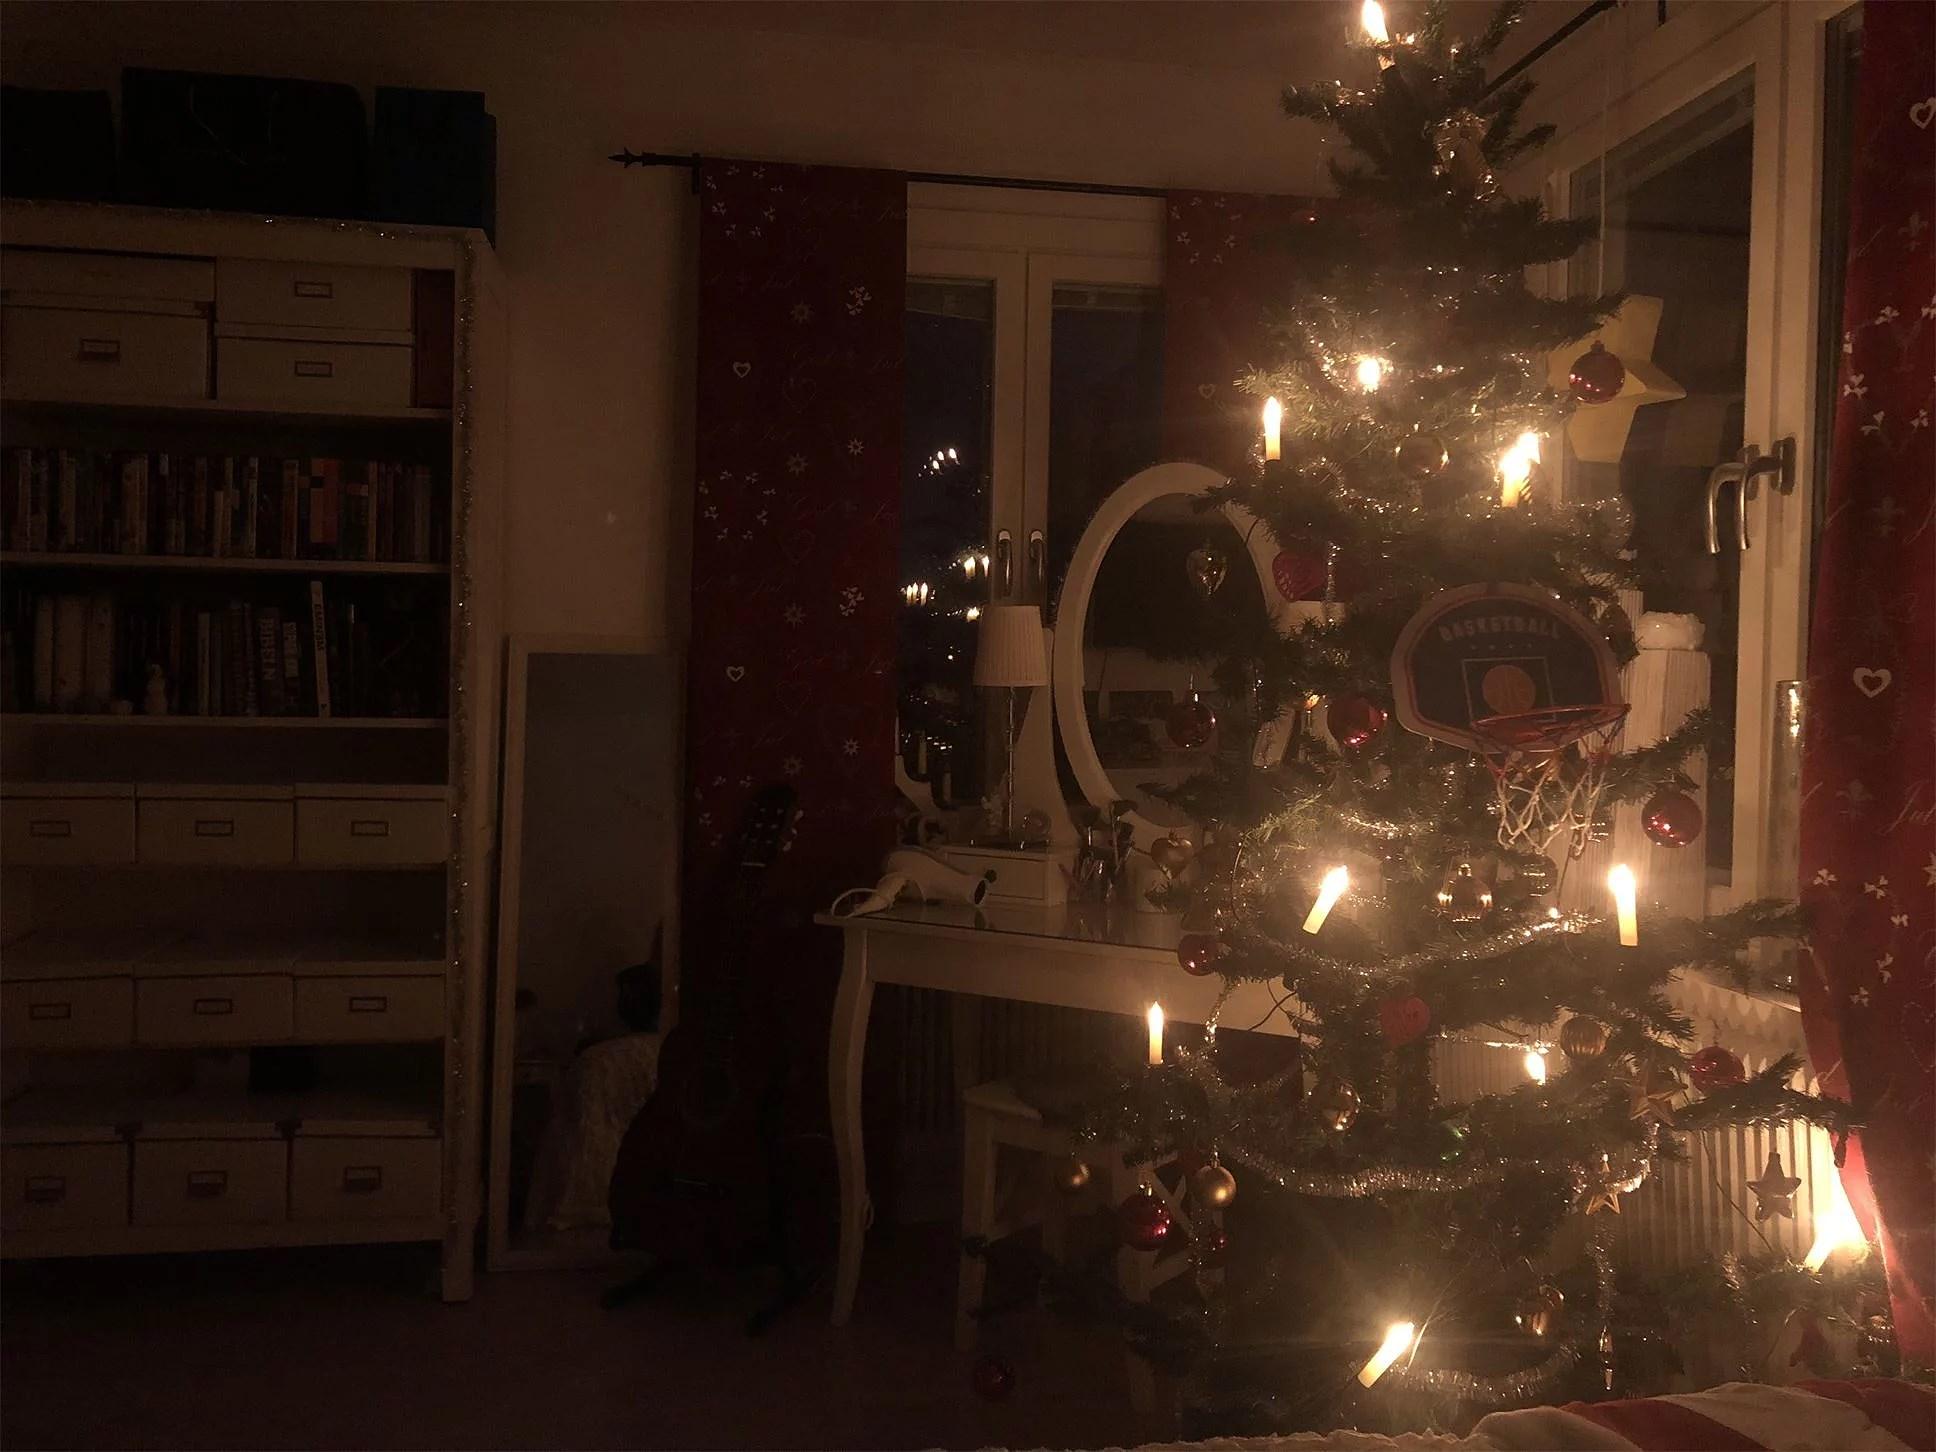 2019 - BLI BÄTTRE PÅ ATT UPPDATERA?